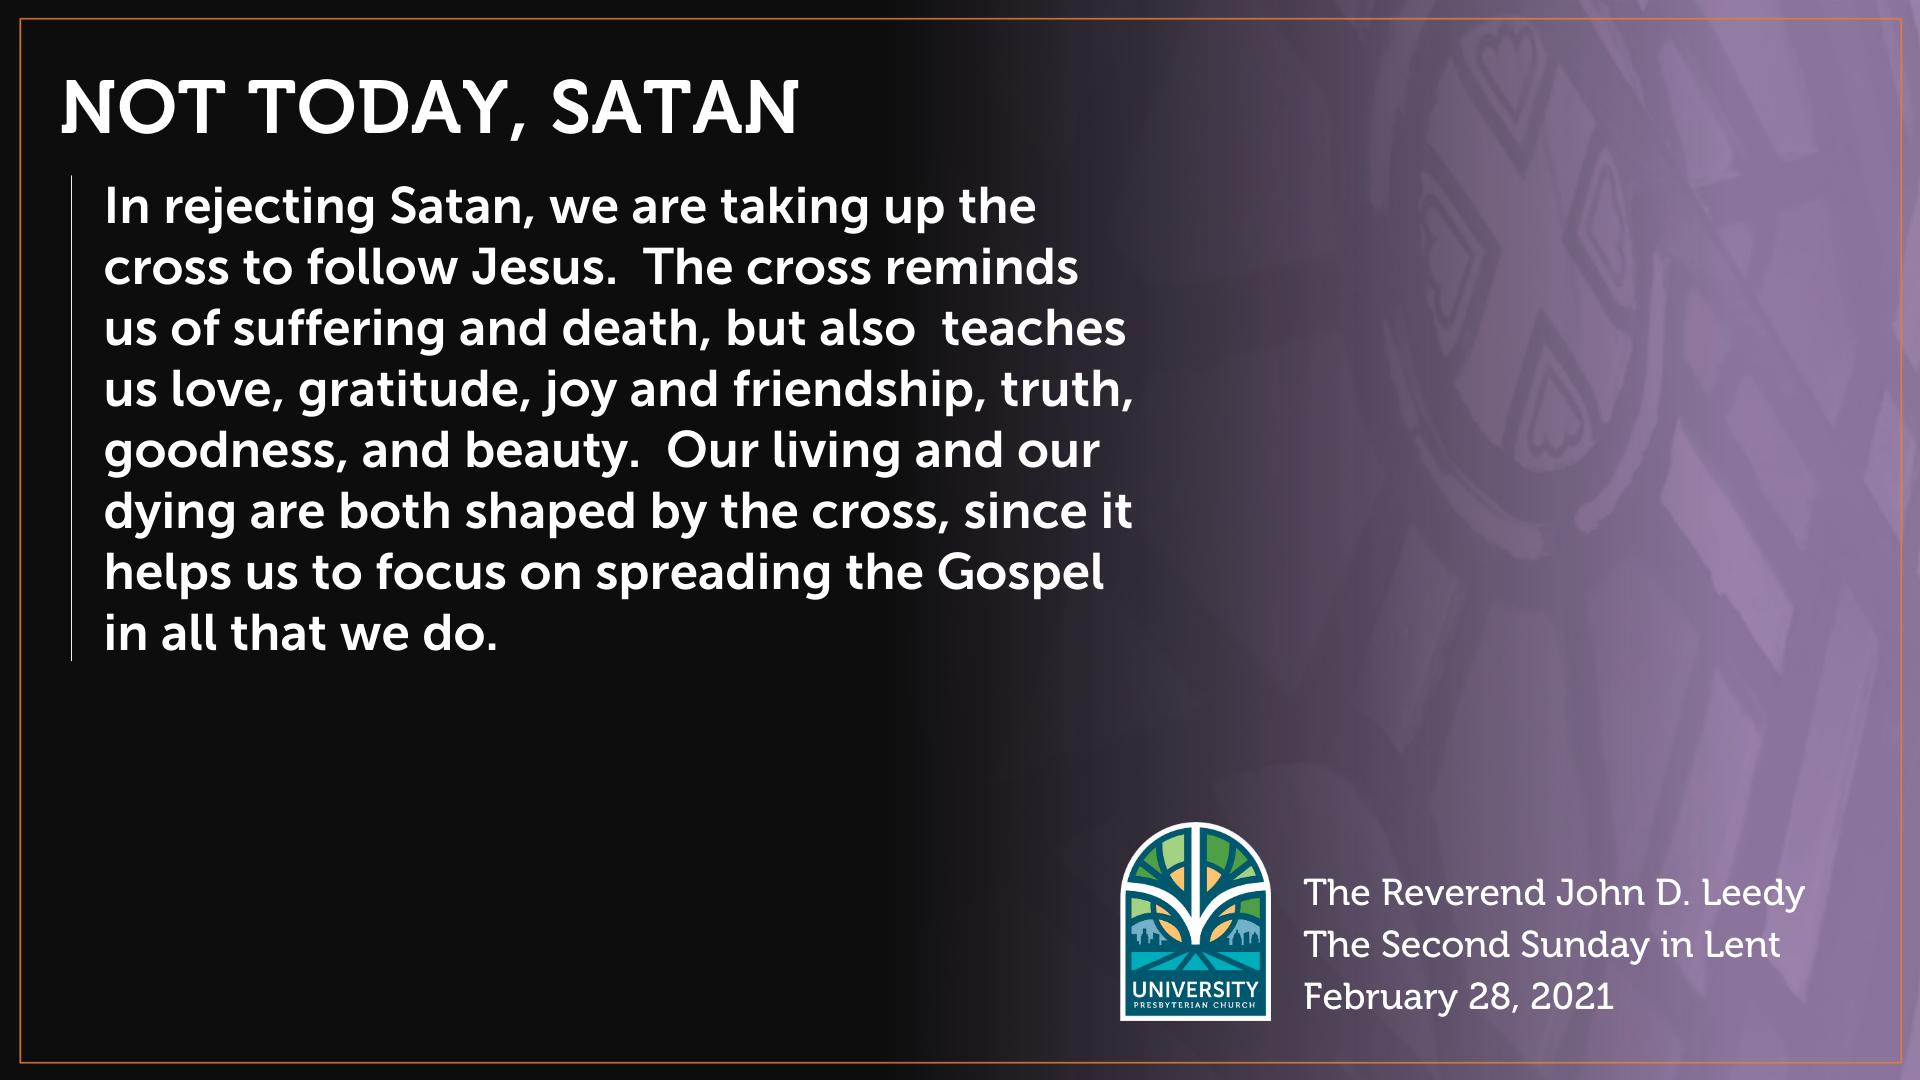 Not Today, Satan Art Work